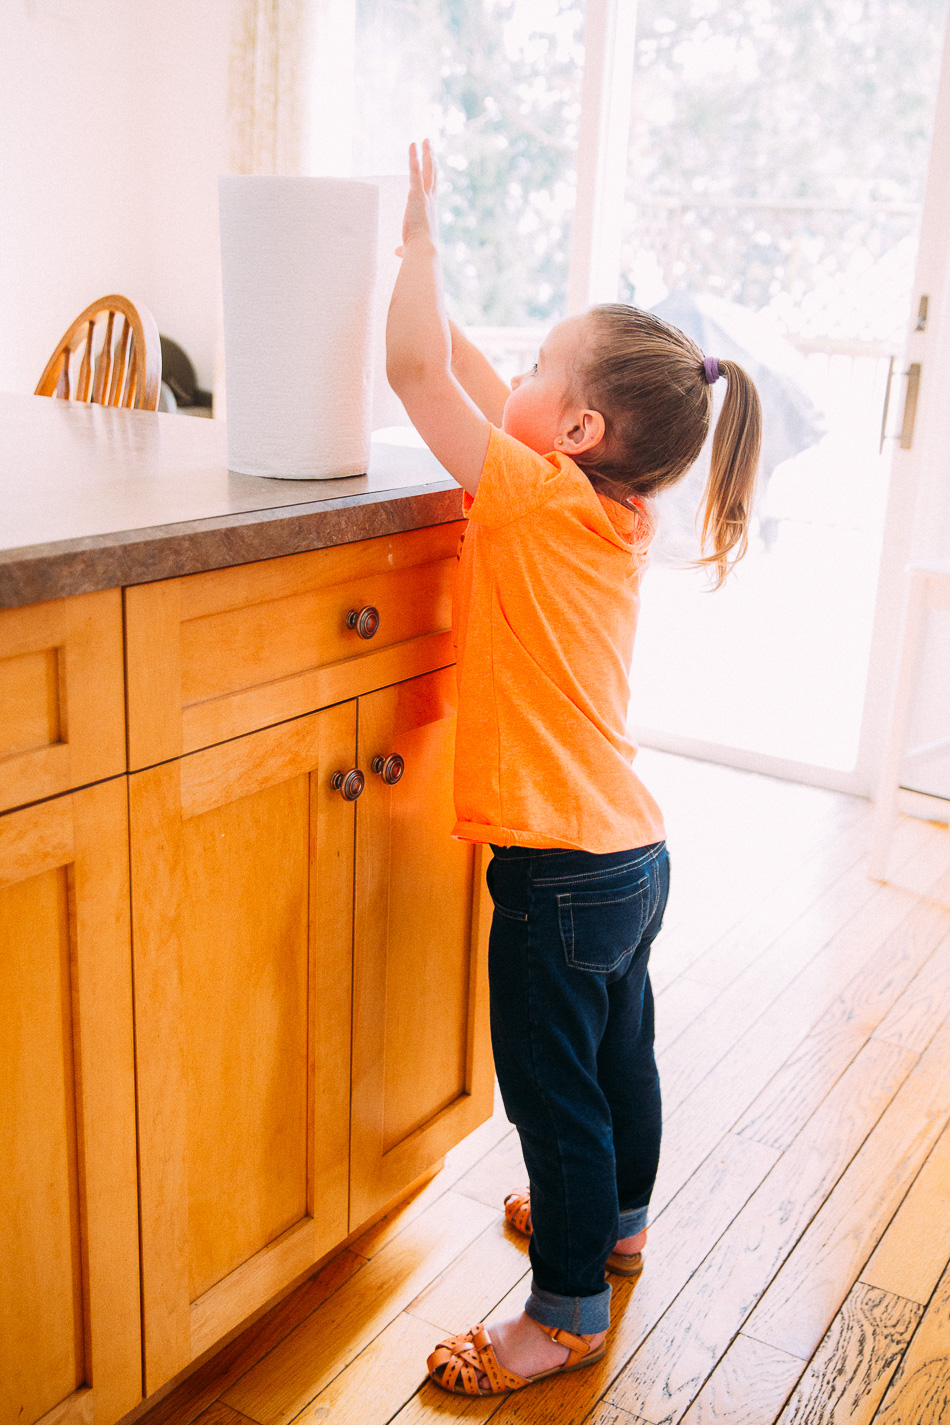 Keeping Little Hands Clean